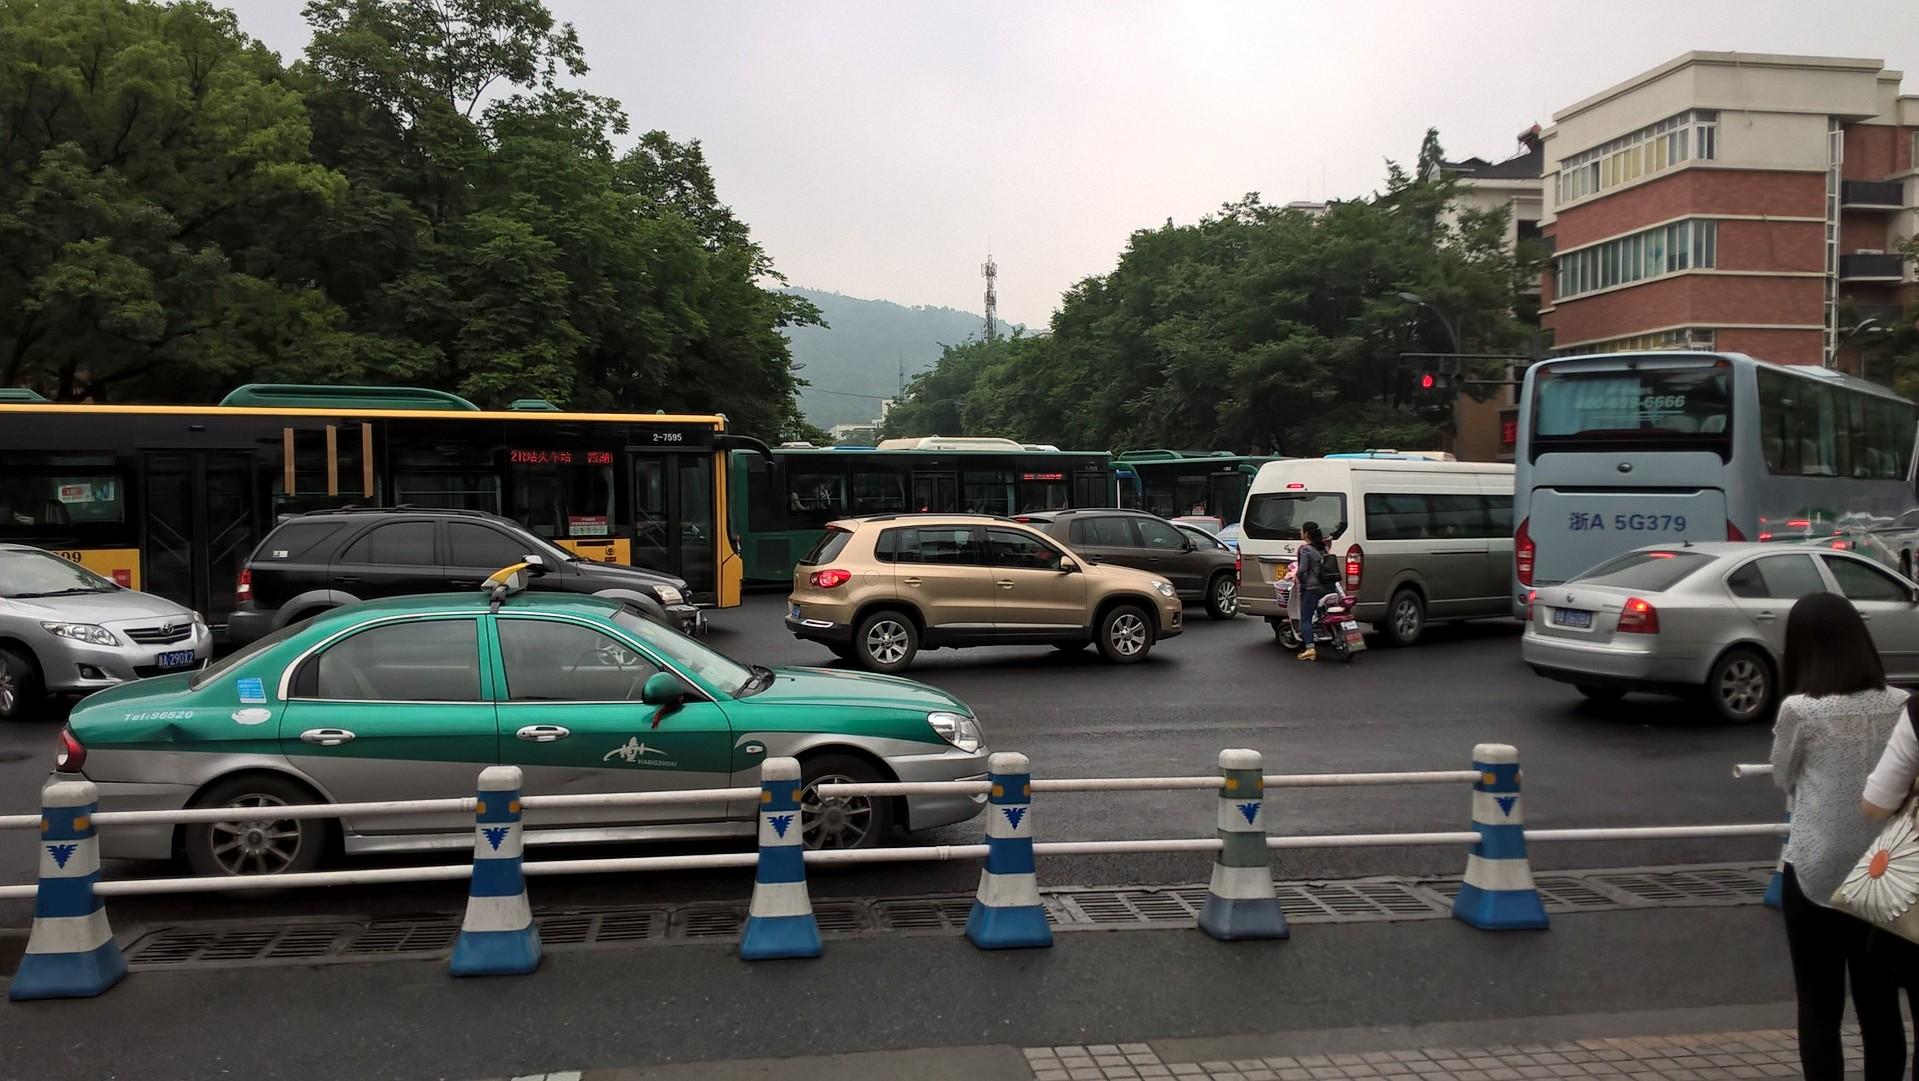 Überfüllte und verstopfte Kreuzungen sind keine Seltenheit